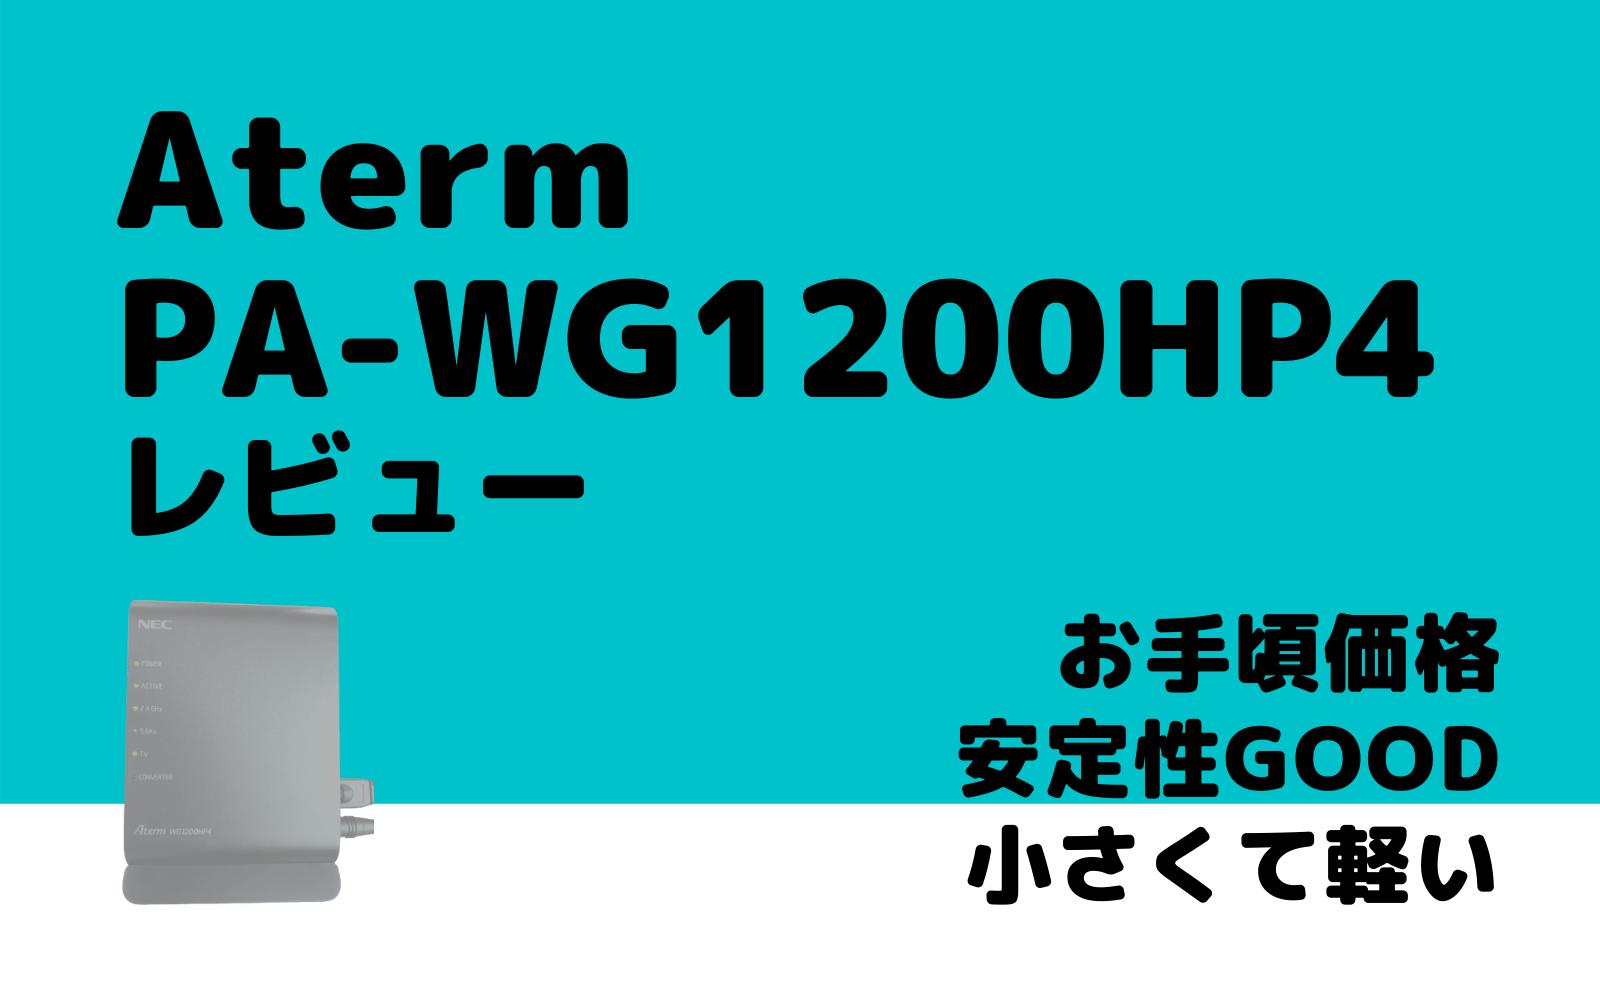 aterm wg1200hp4のレビュー